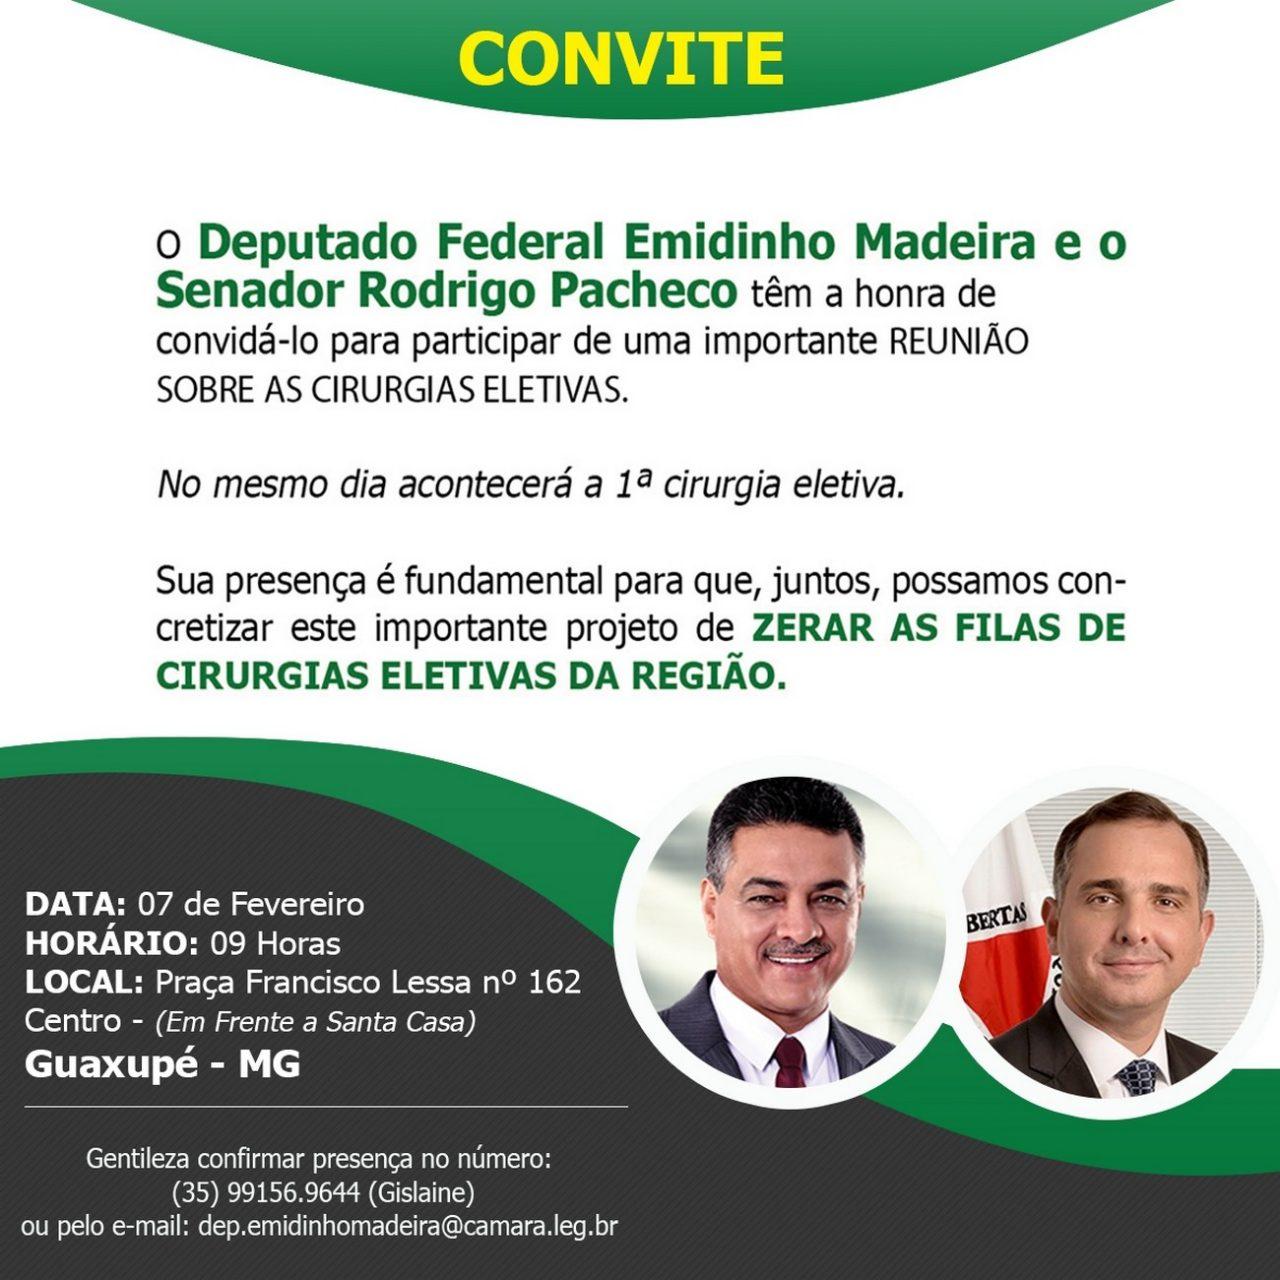 EmidinhoPacheco